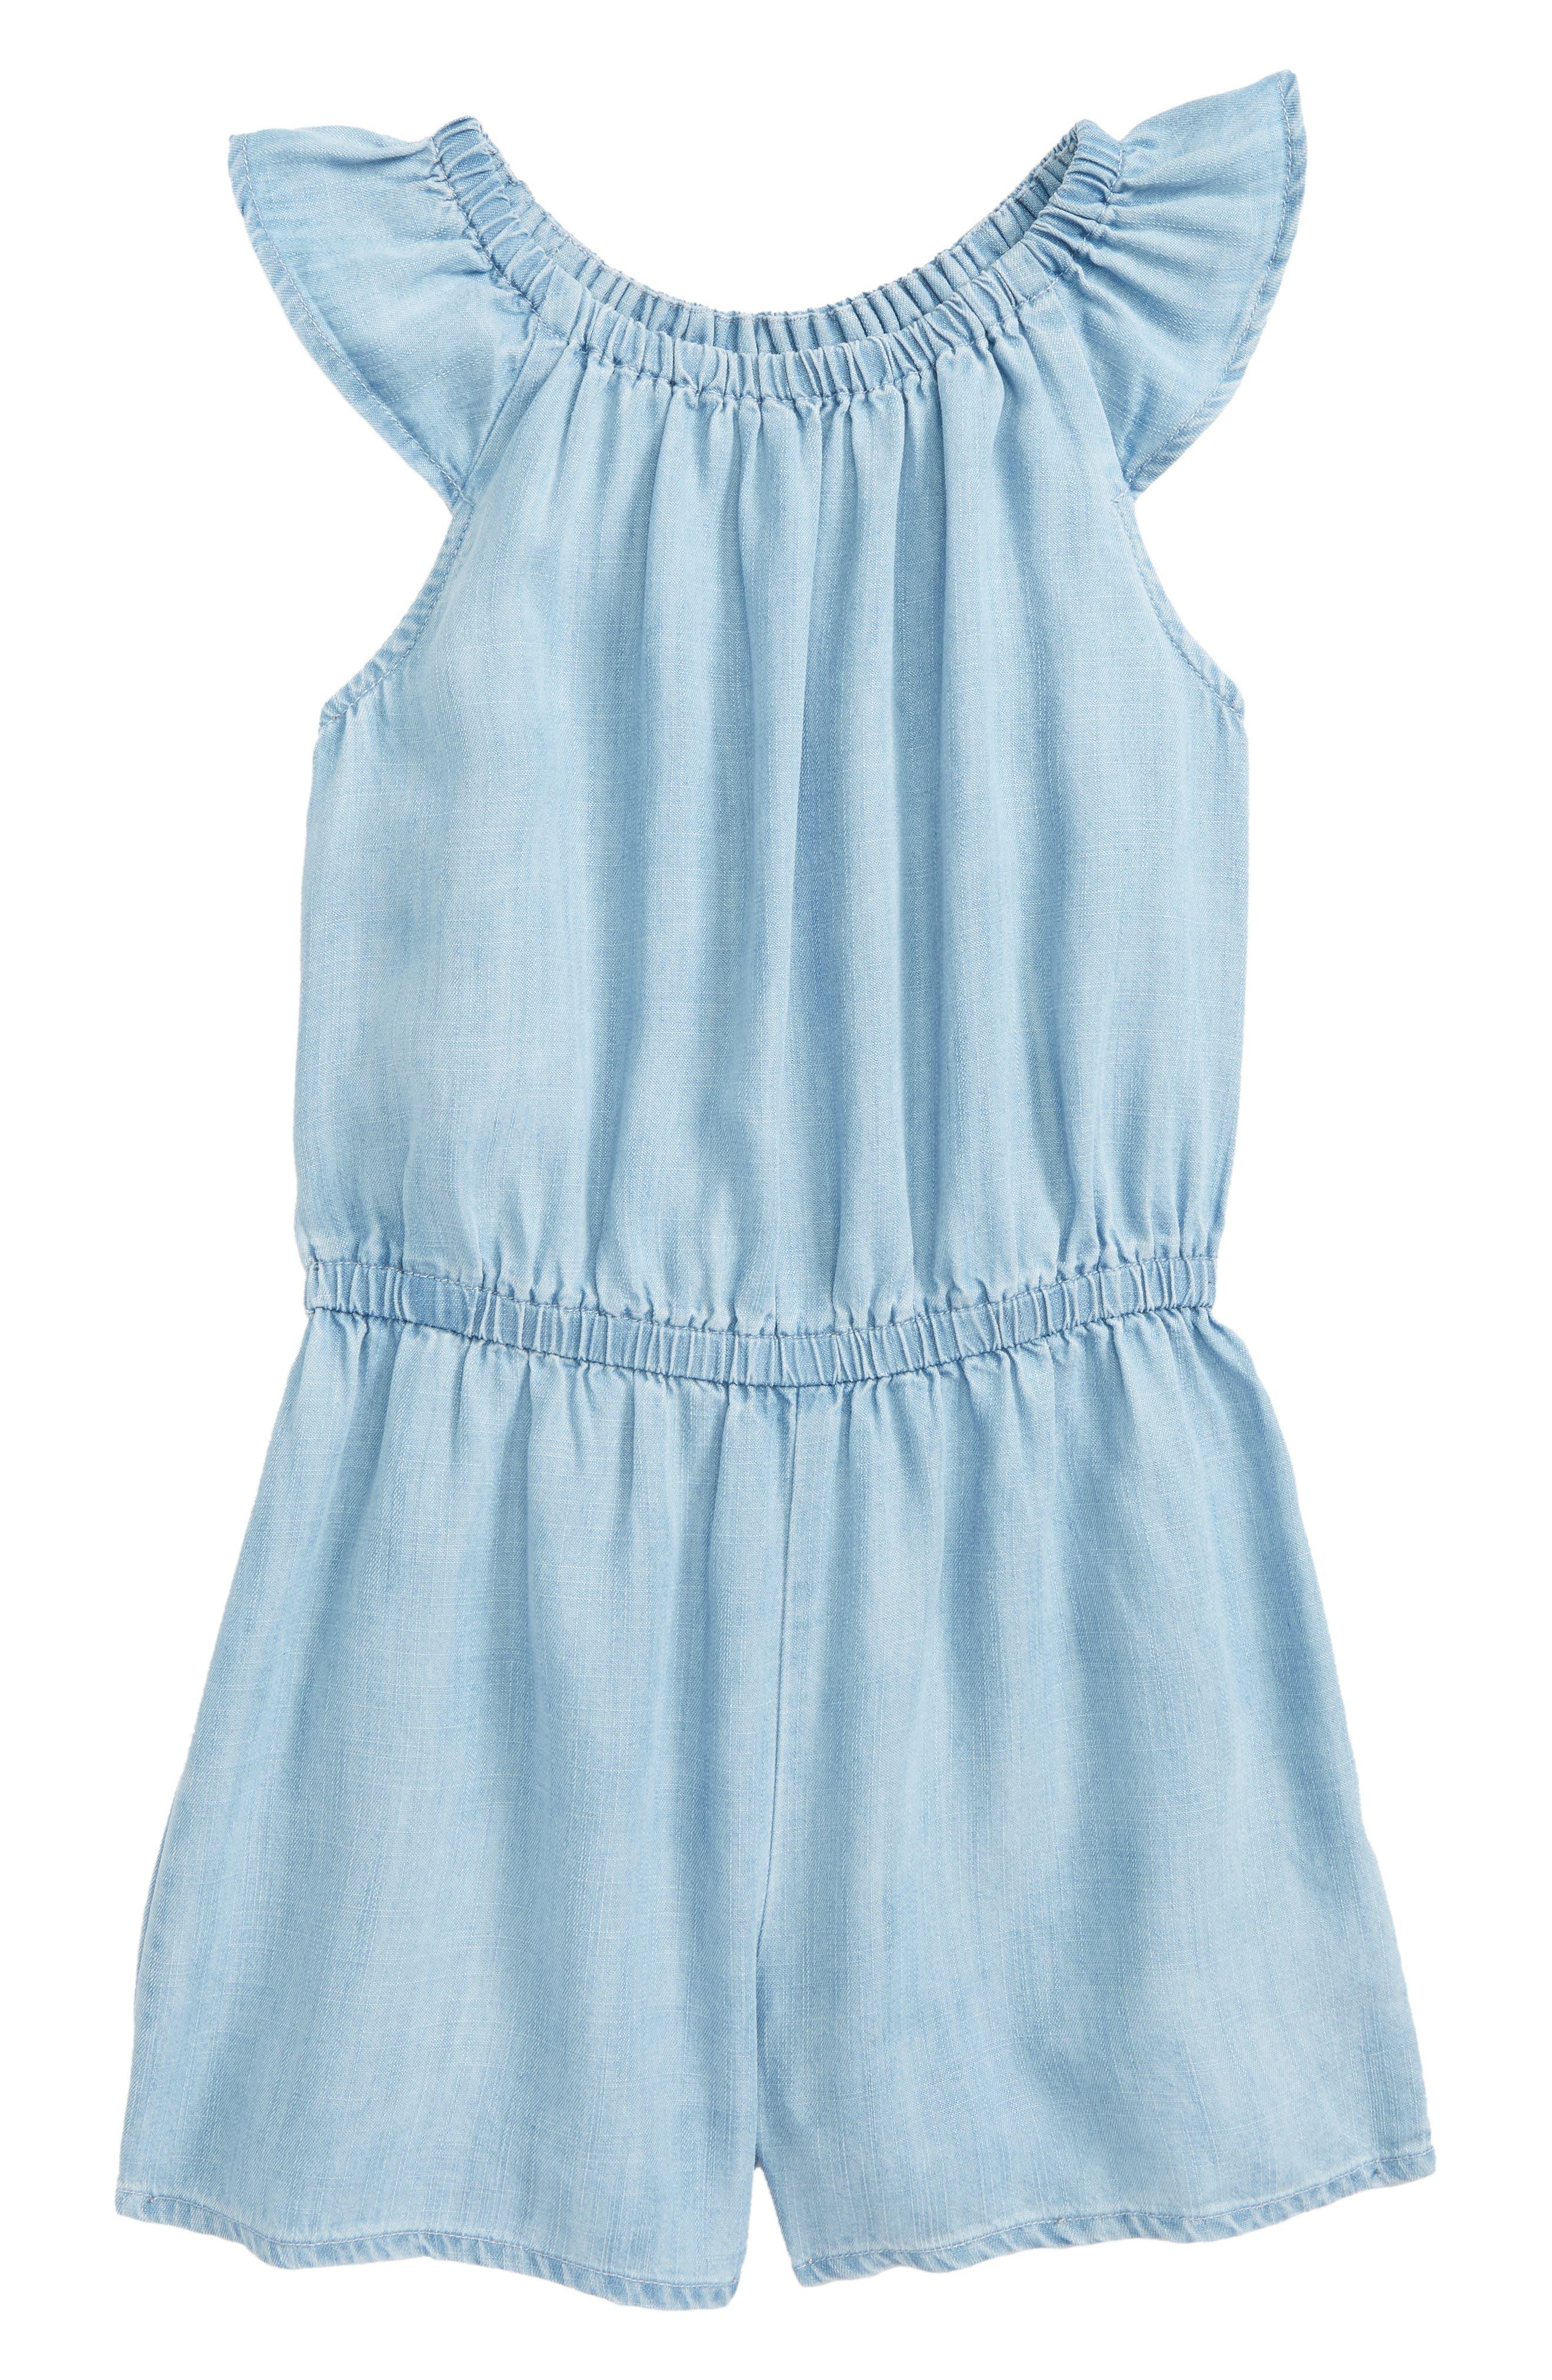 Flutter Sleeve Romper,                         Main,                         color, Blue Wash